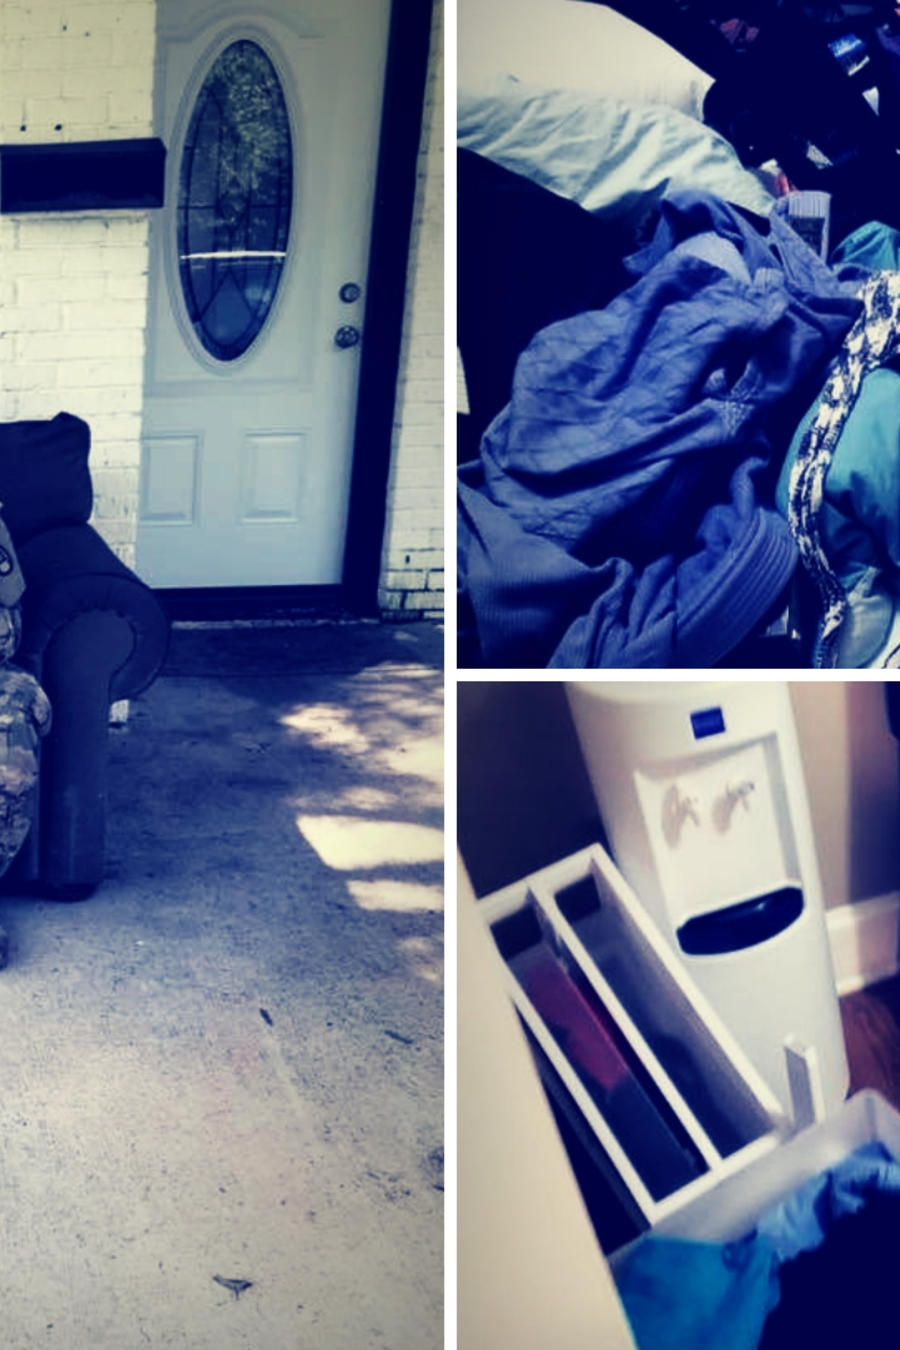 Una amiga de Luis Ocampo comenzó una campaña de recaudación que superó su meta rápidamente. Después el soldado decidió redirigir los donativos a otras personas que los necesitaban.